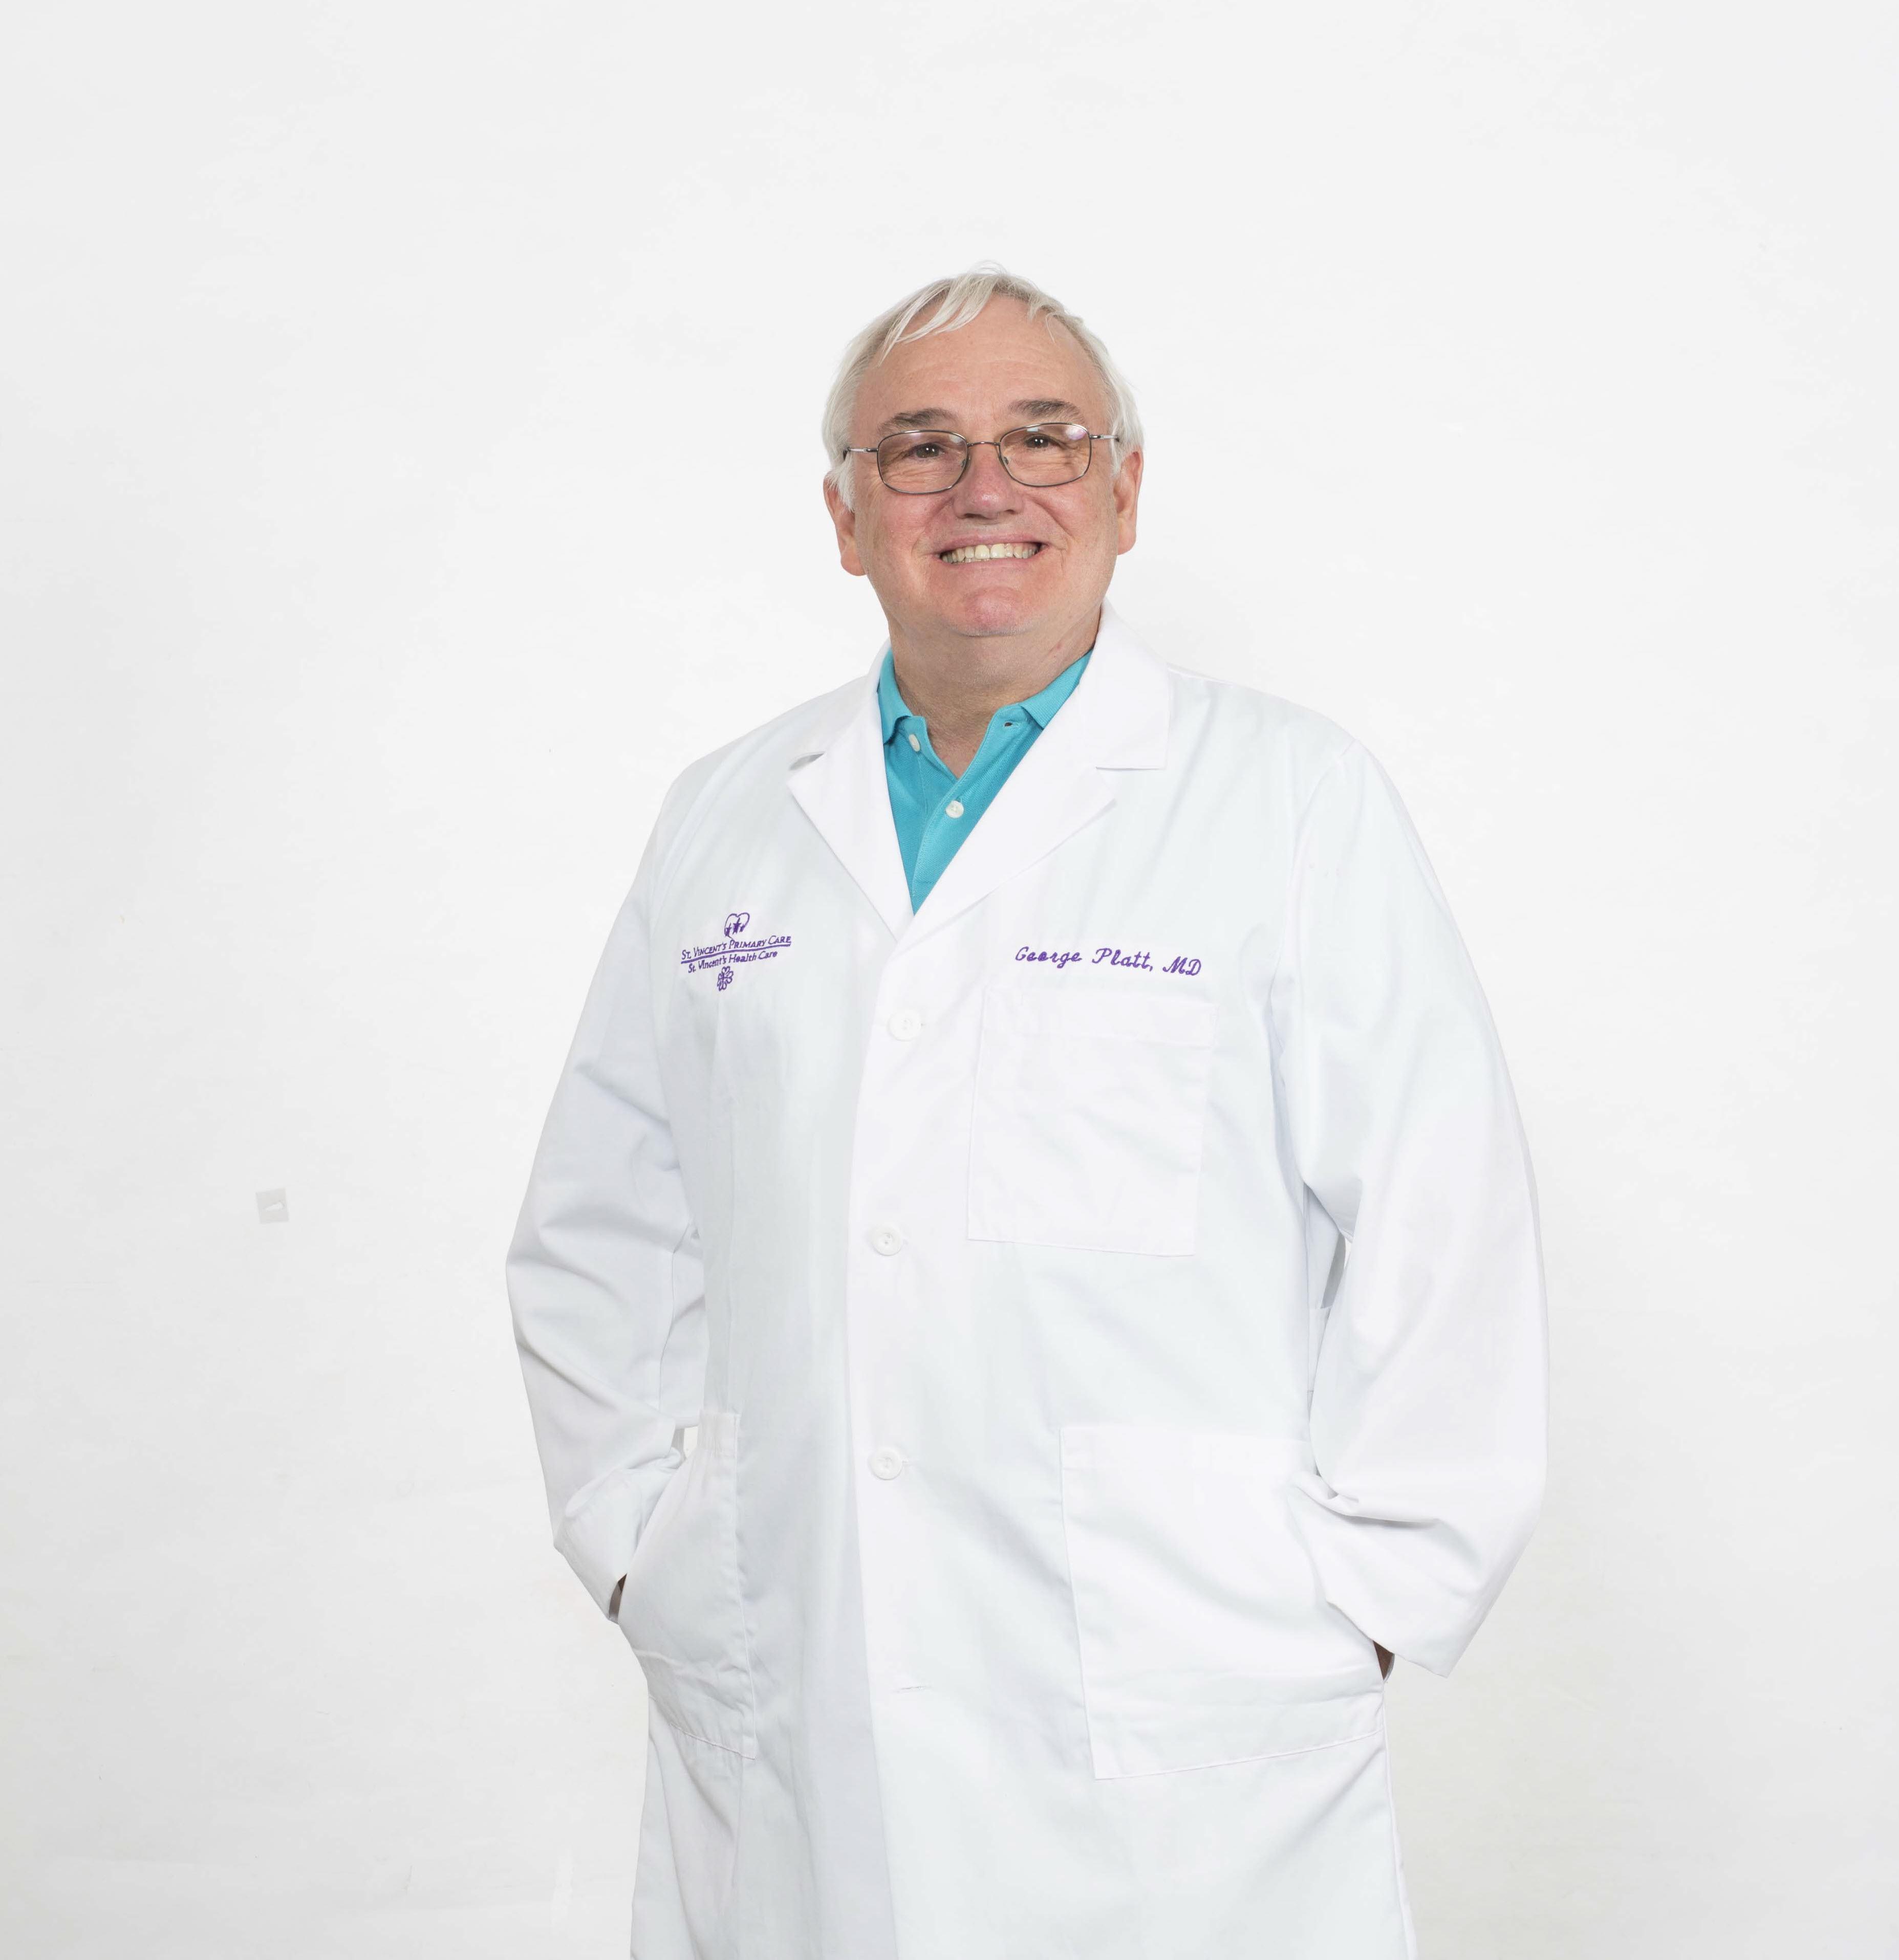 George Platt, MD